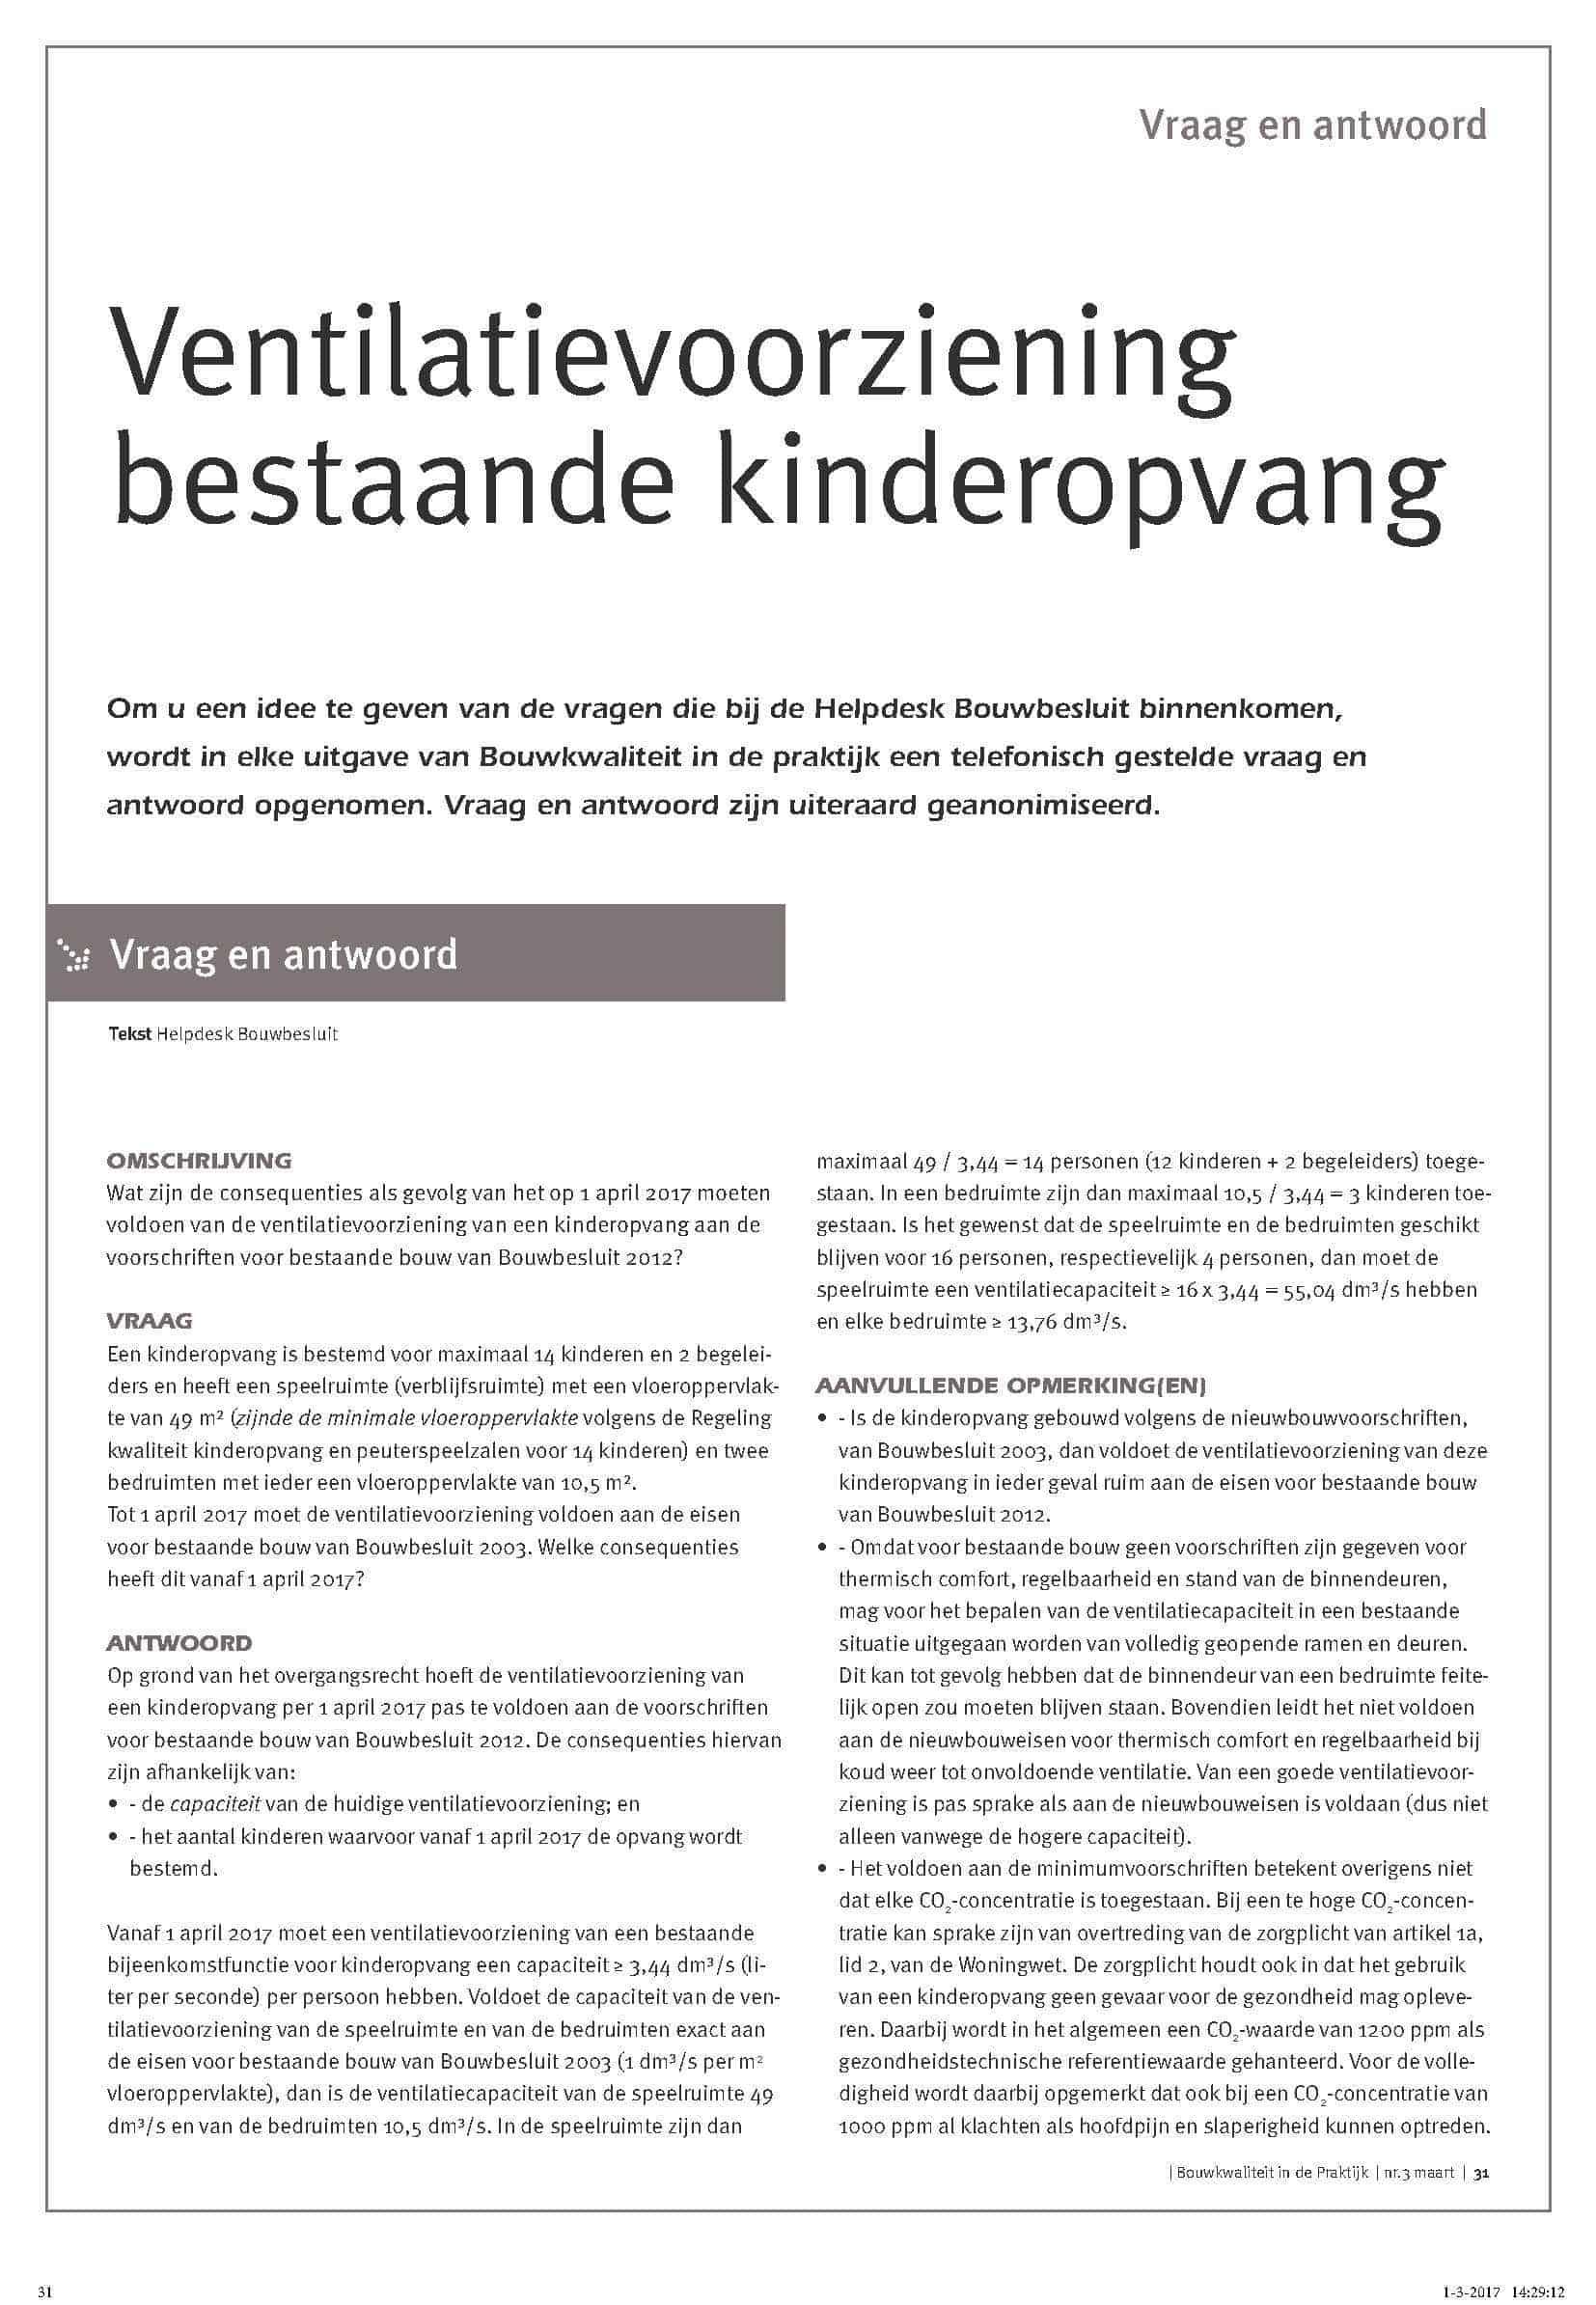 Ventilatievoorziening-bestaande-kinderopvang_1-2